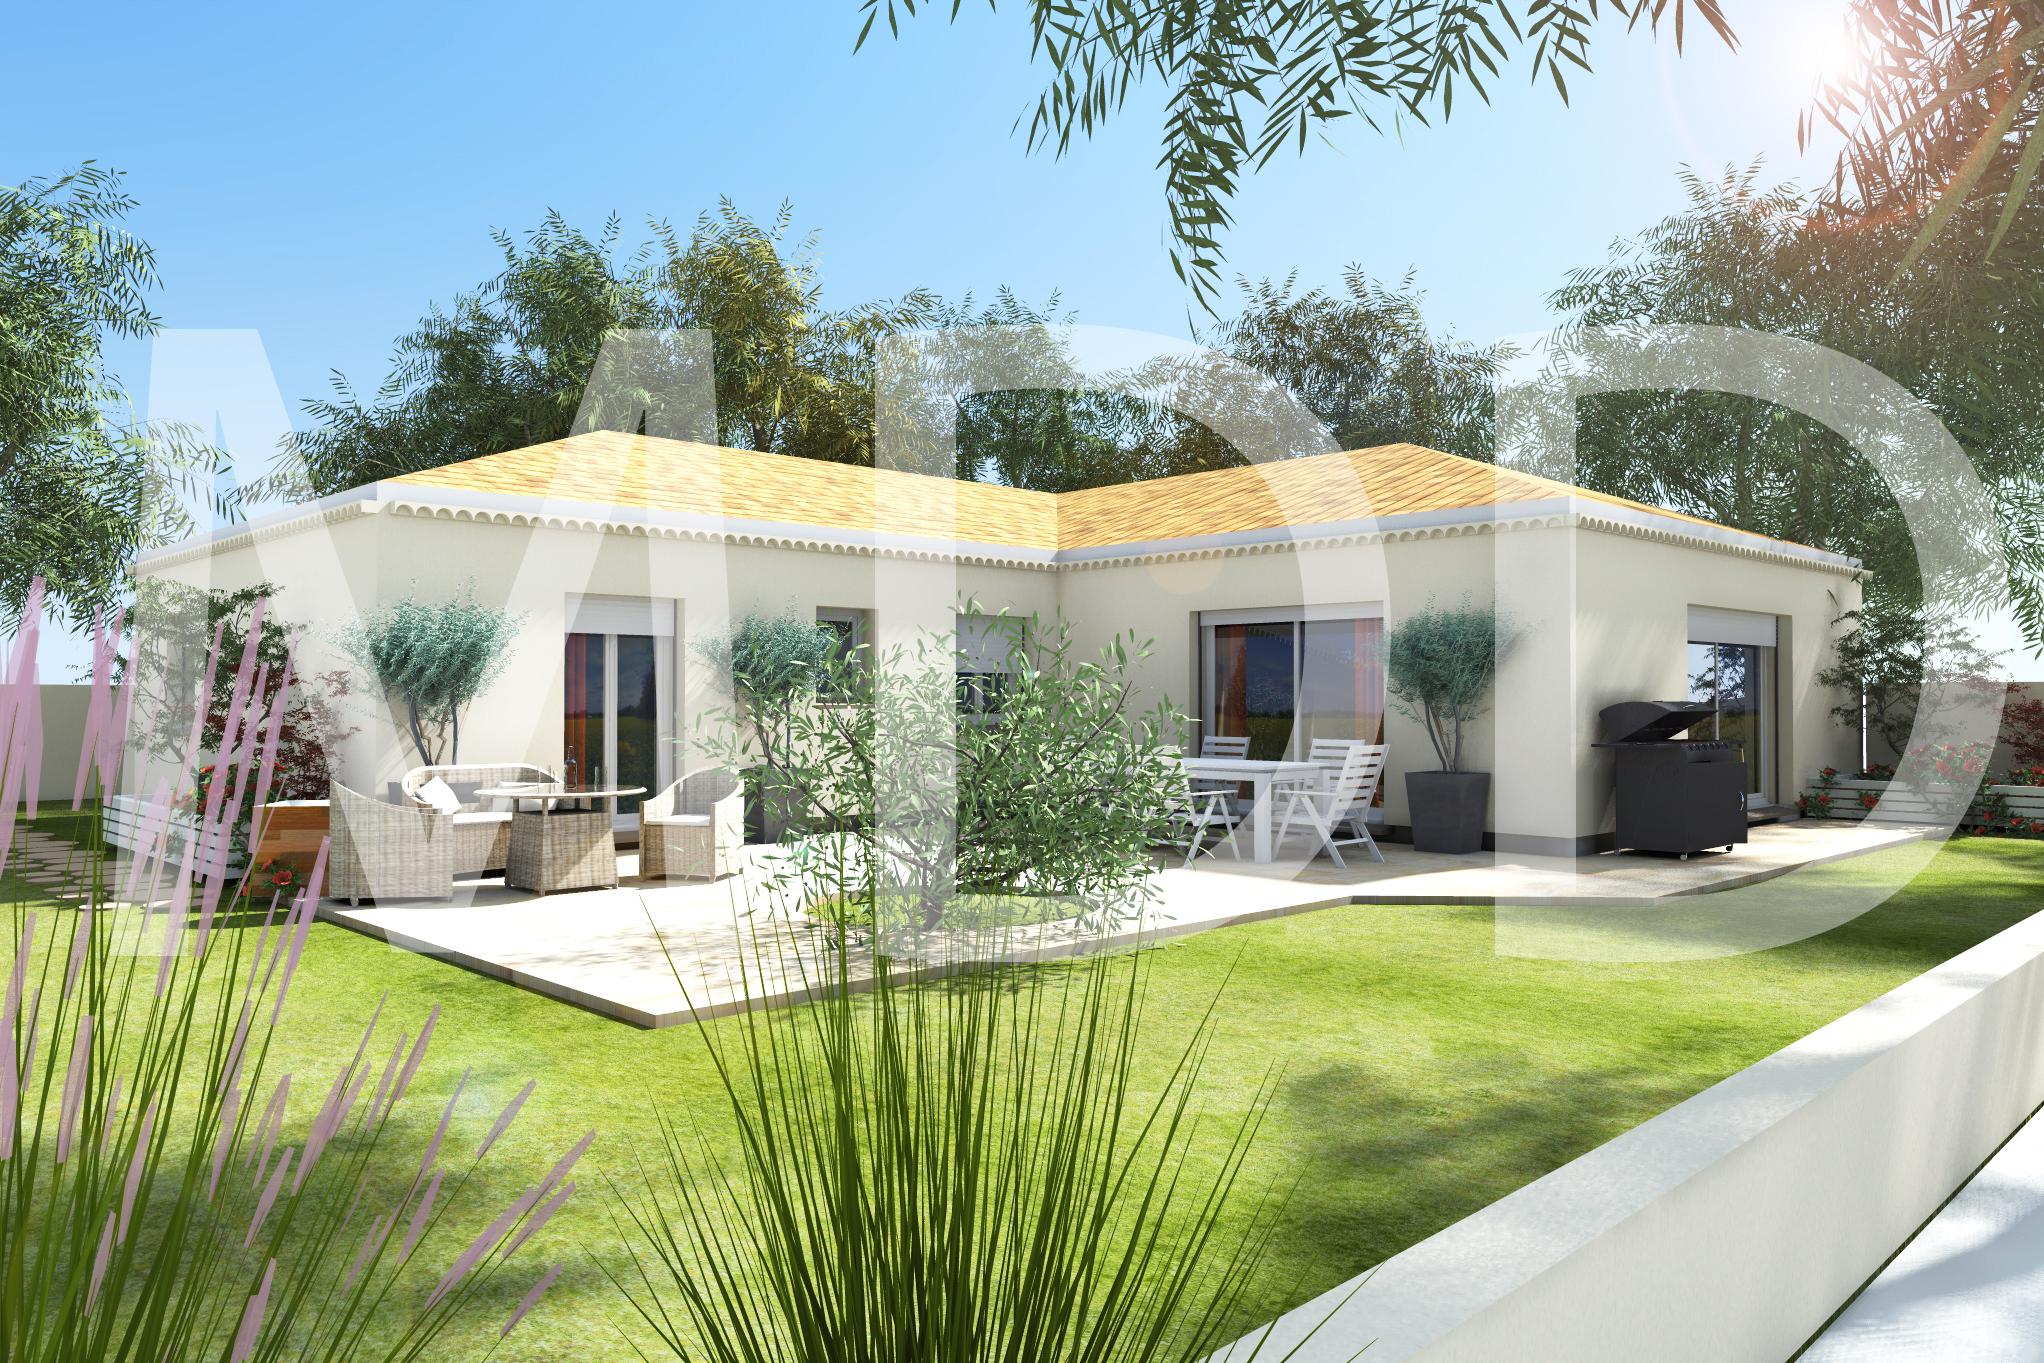 Maisons du constructeur MAISON DU DAUPHINE • 95 m² • SAINT CHRISTOPHE ET LE LARIS